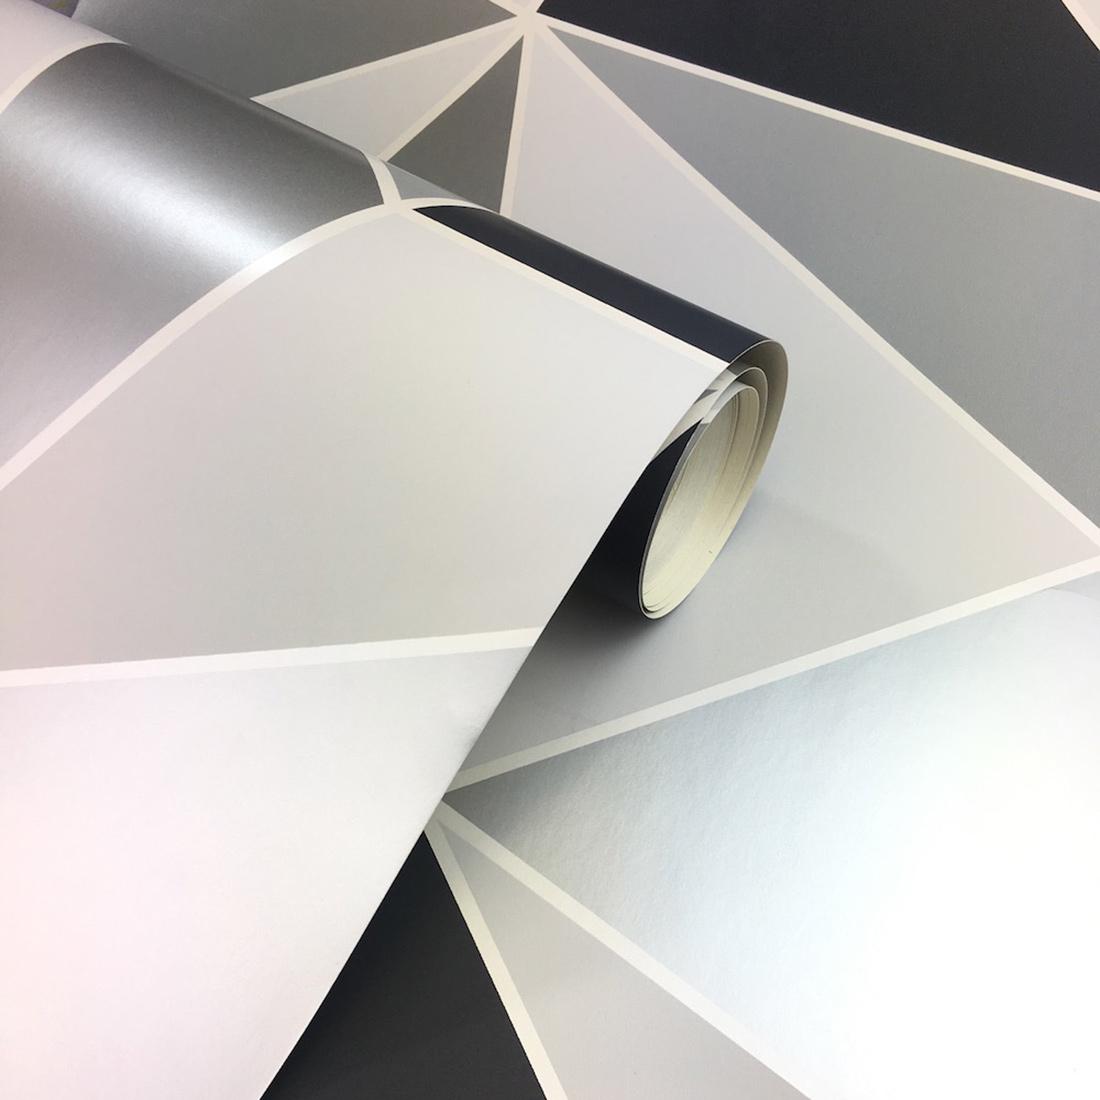 Apex Geometric Wallpaper Black and Silver Fine Decor